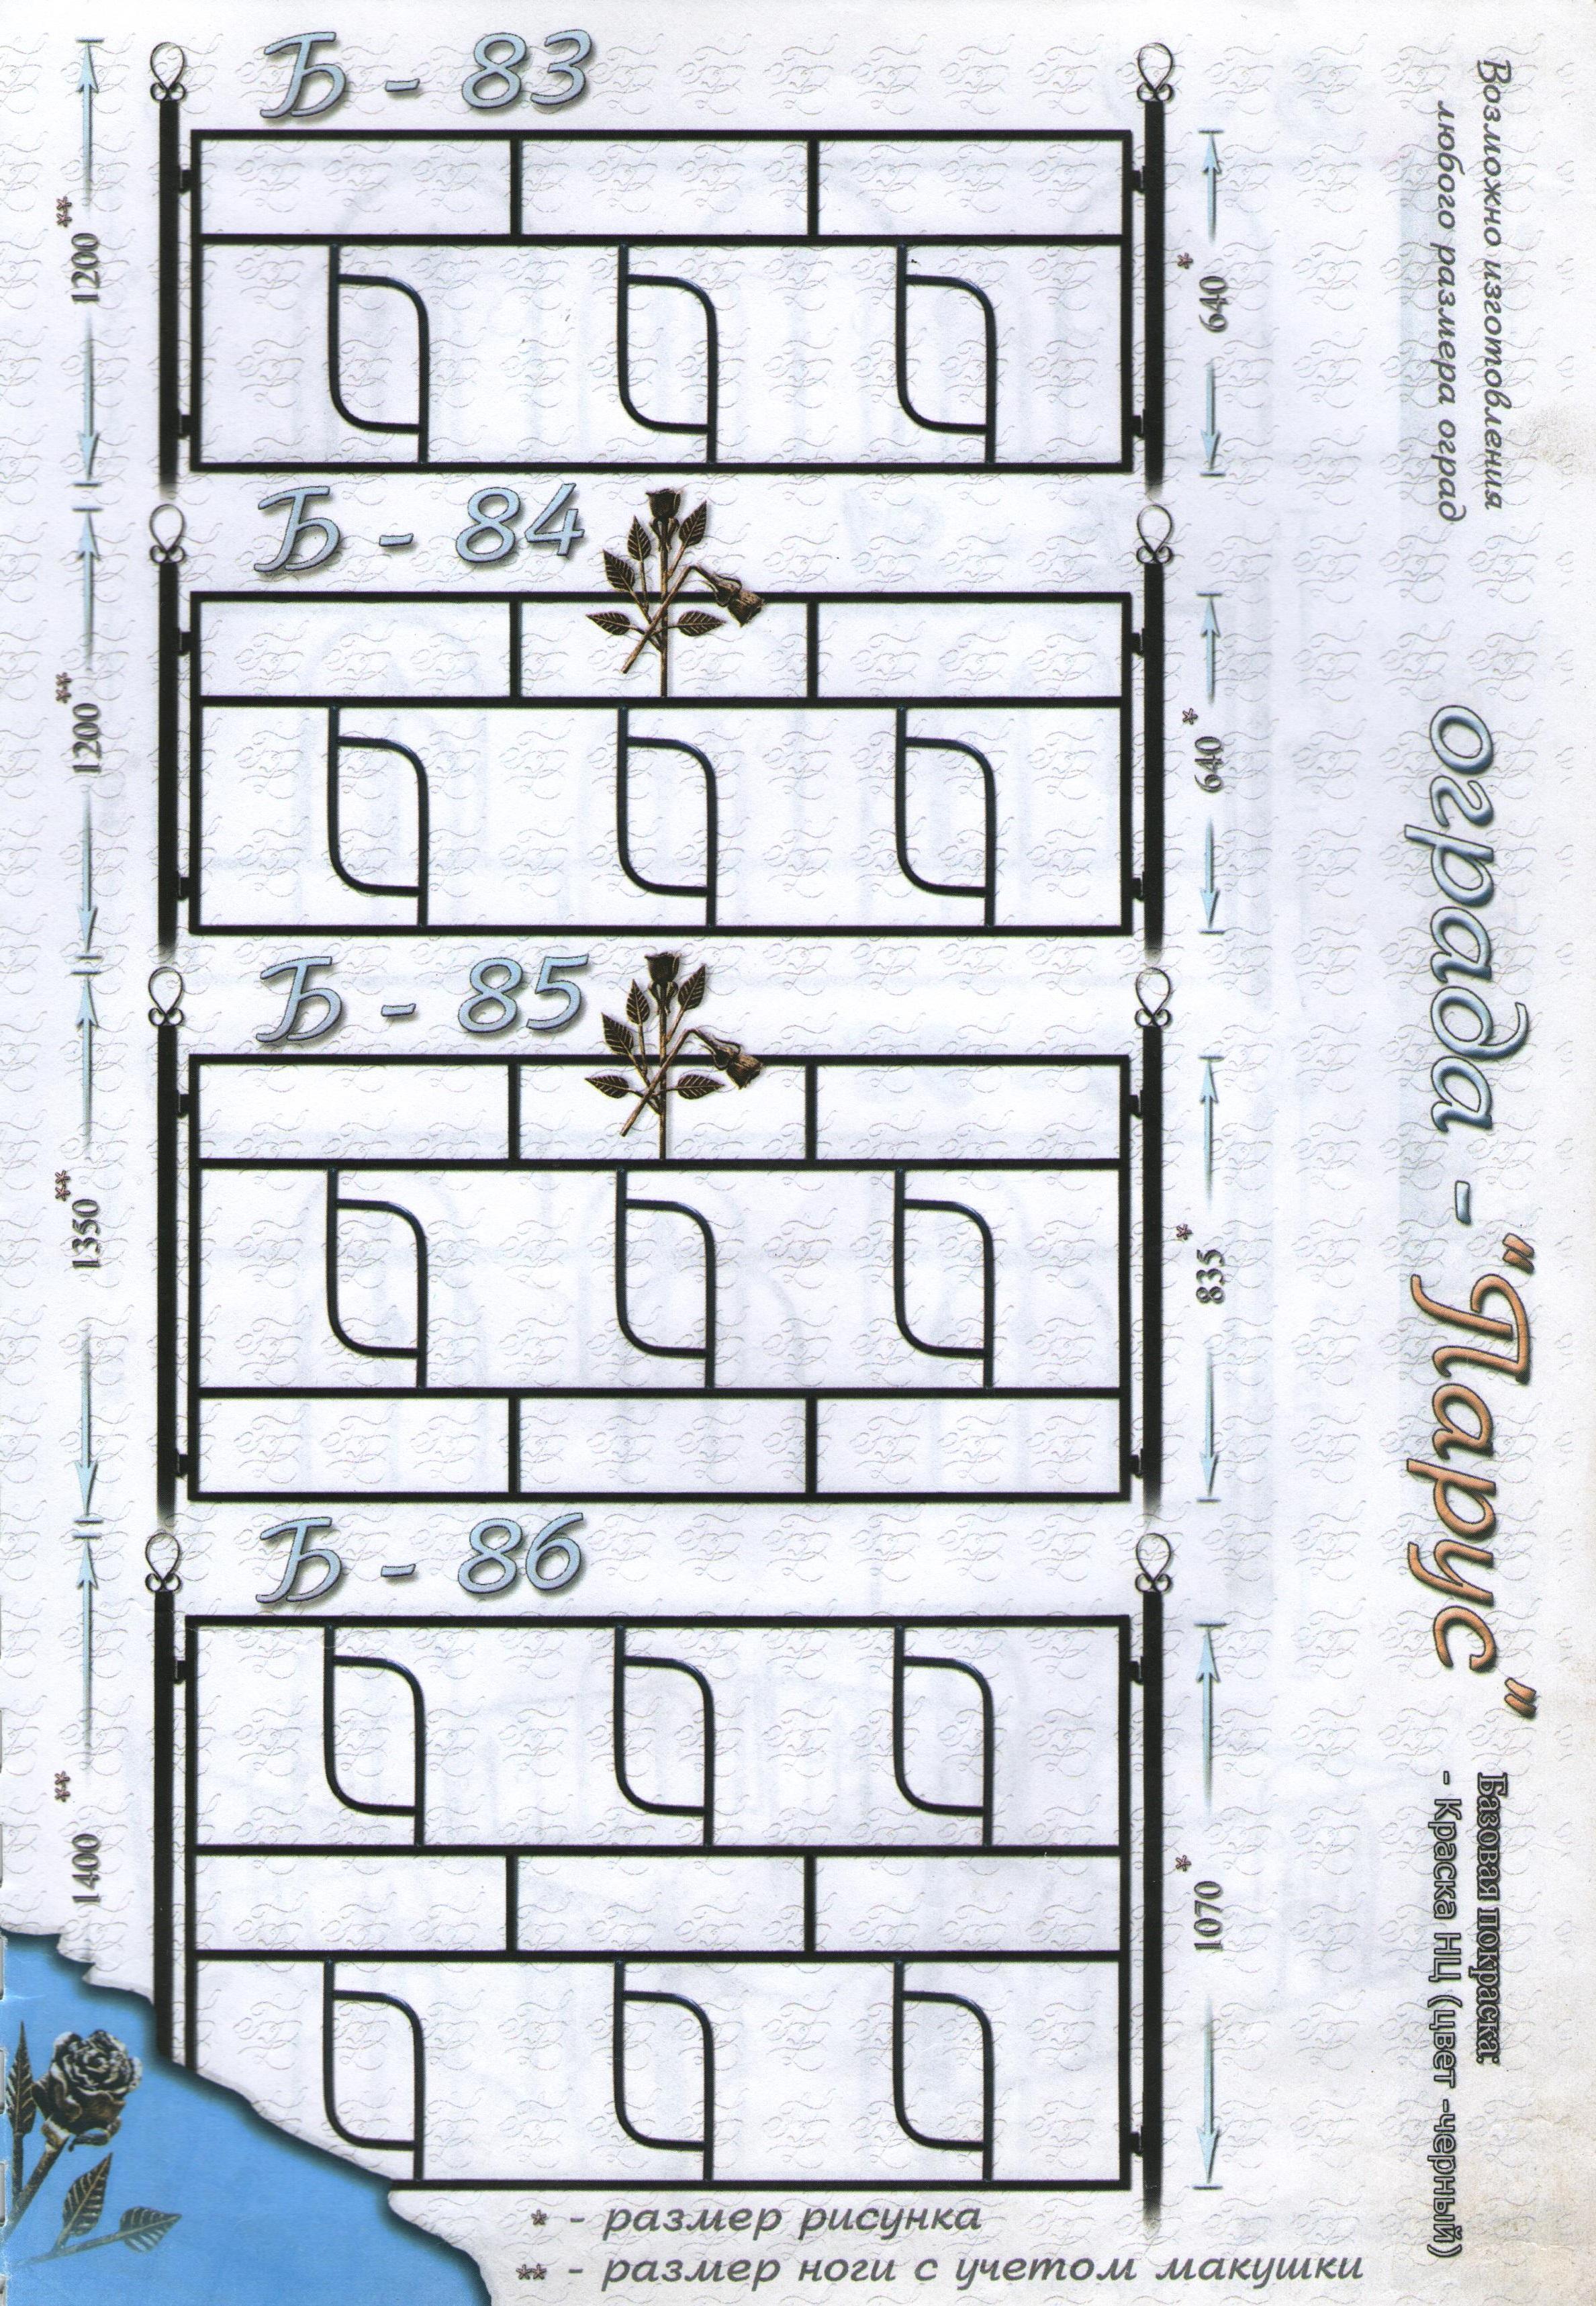 ограда 2019-03-11 016